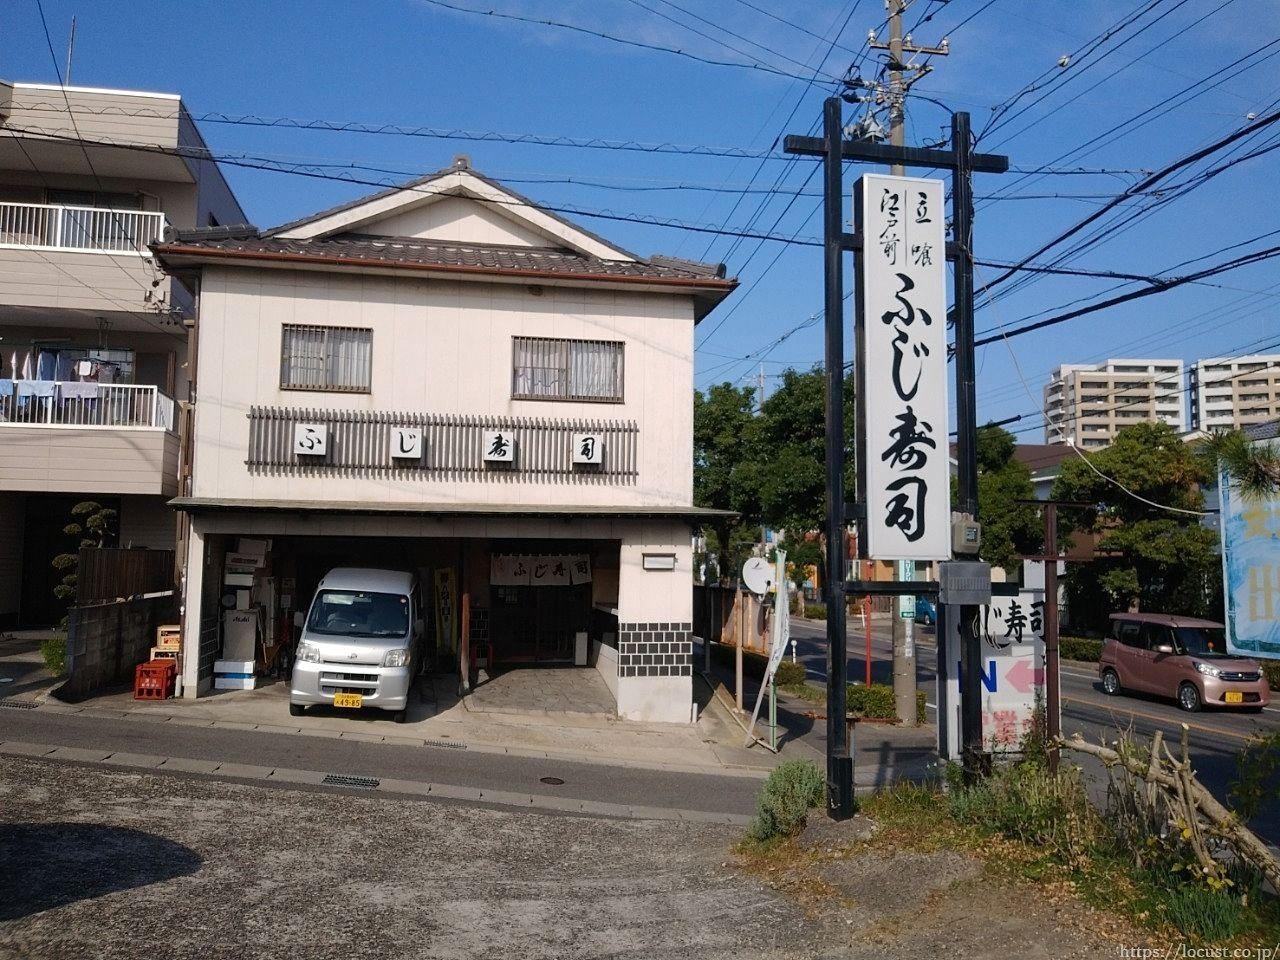 大府市柊山町 ふじ寿司 店先とカウンター脇に水槽が設置されています。新鮮な魚を提供してくれそうで胸躍ります!